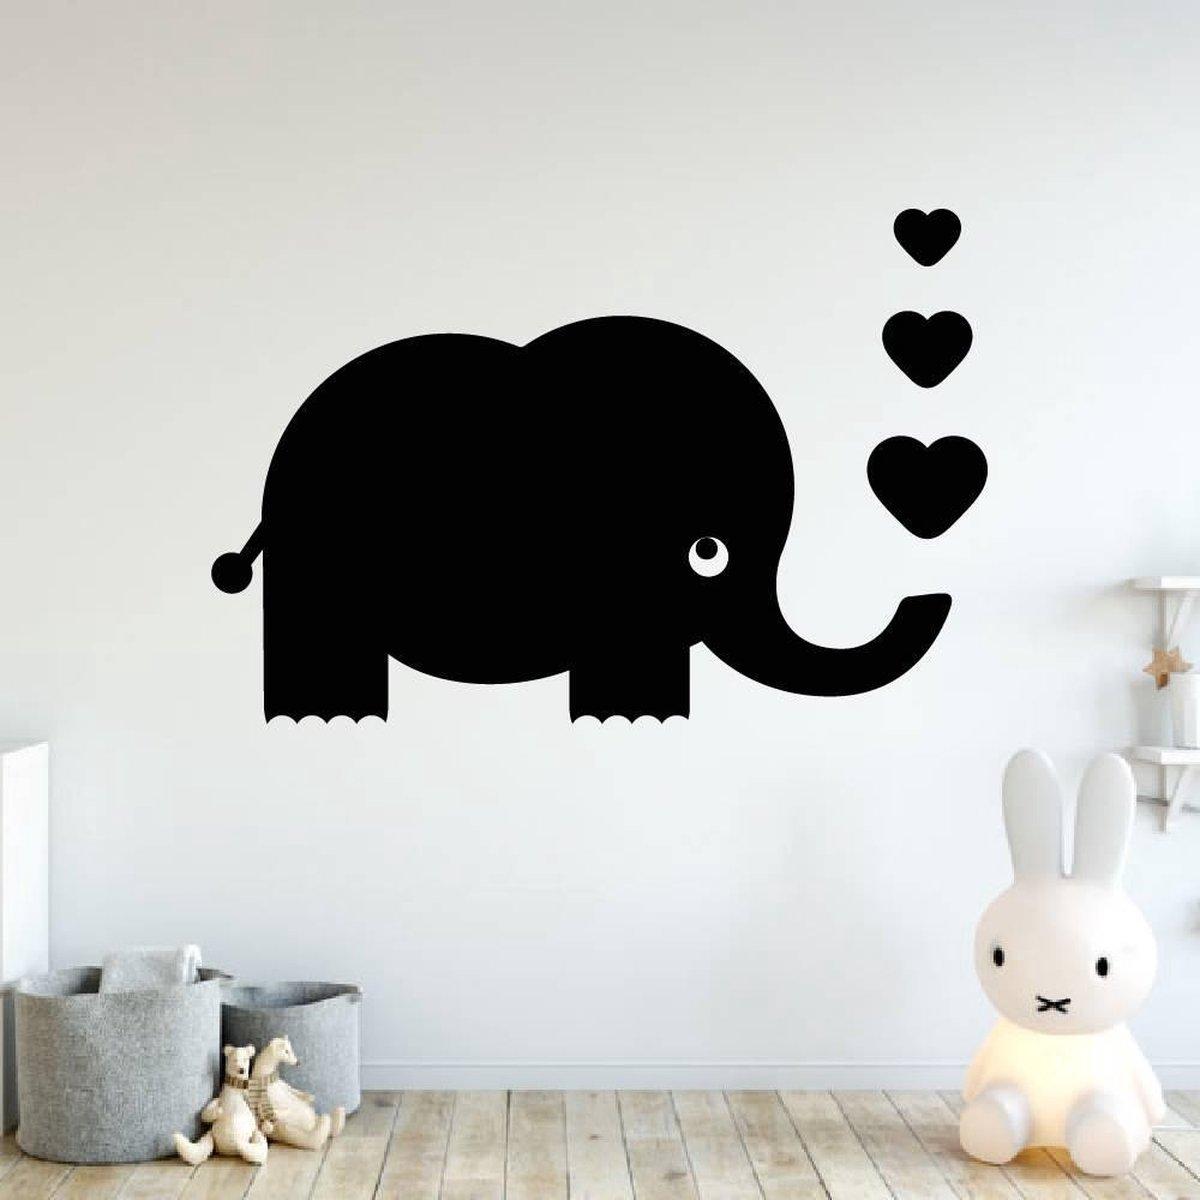 Muursticker Olifant Met Hartjes -  Groen -  100 x 71 cm  -  baby en kinderkamer    dieren - Muursticker4Sale